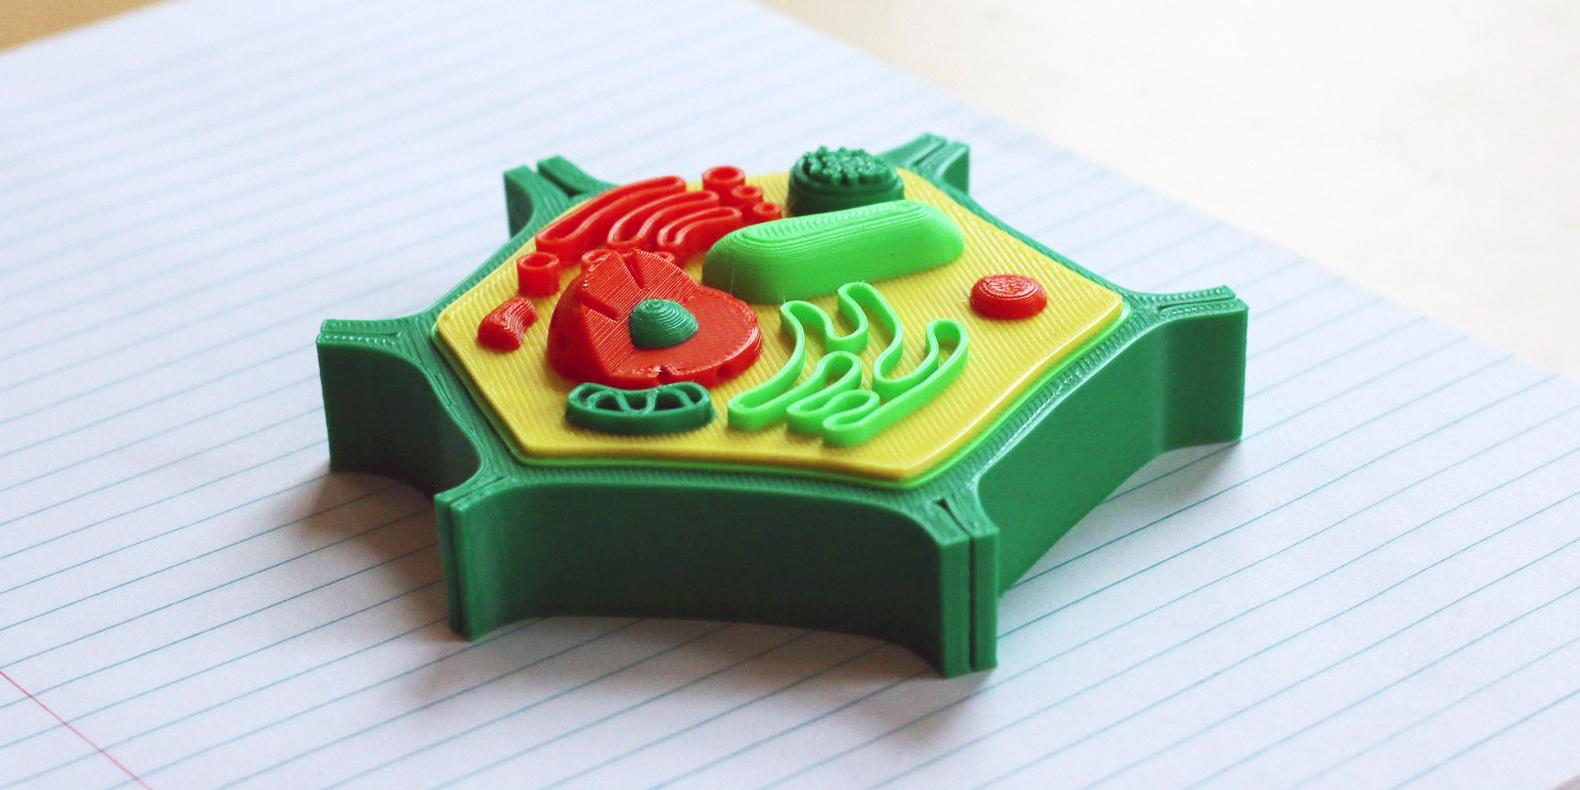 Retrouvez ici une sélection des meilleurs modèles 3D pour les cours de SVT imprimables en 3D